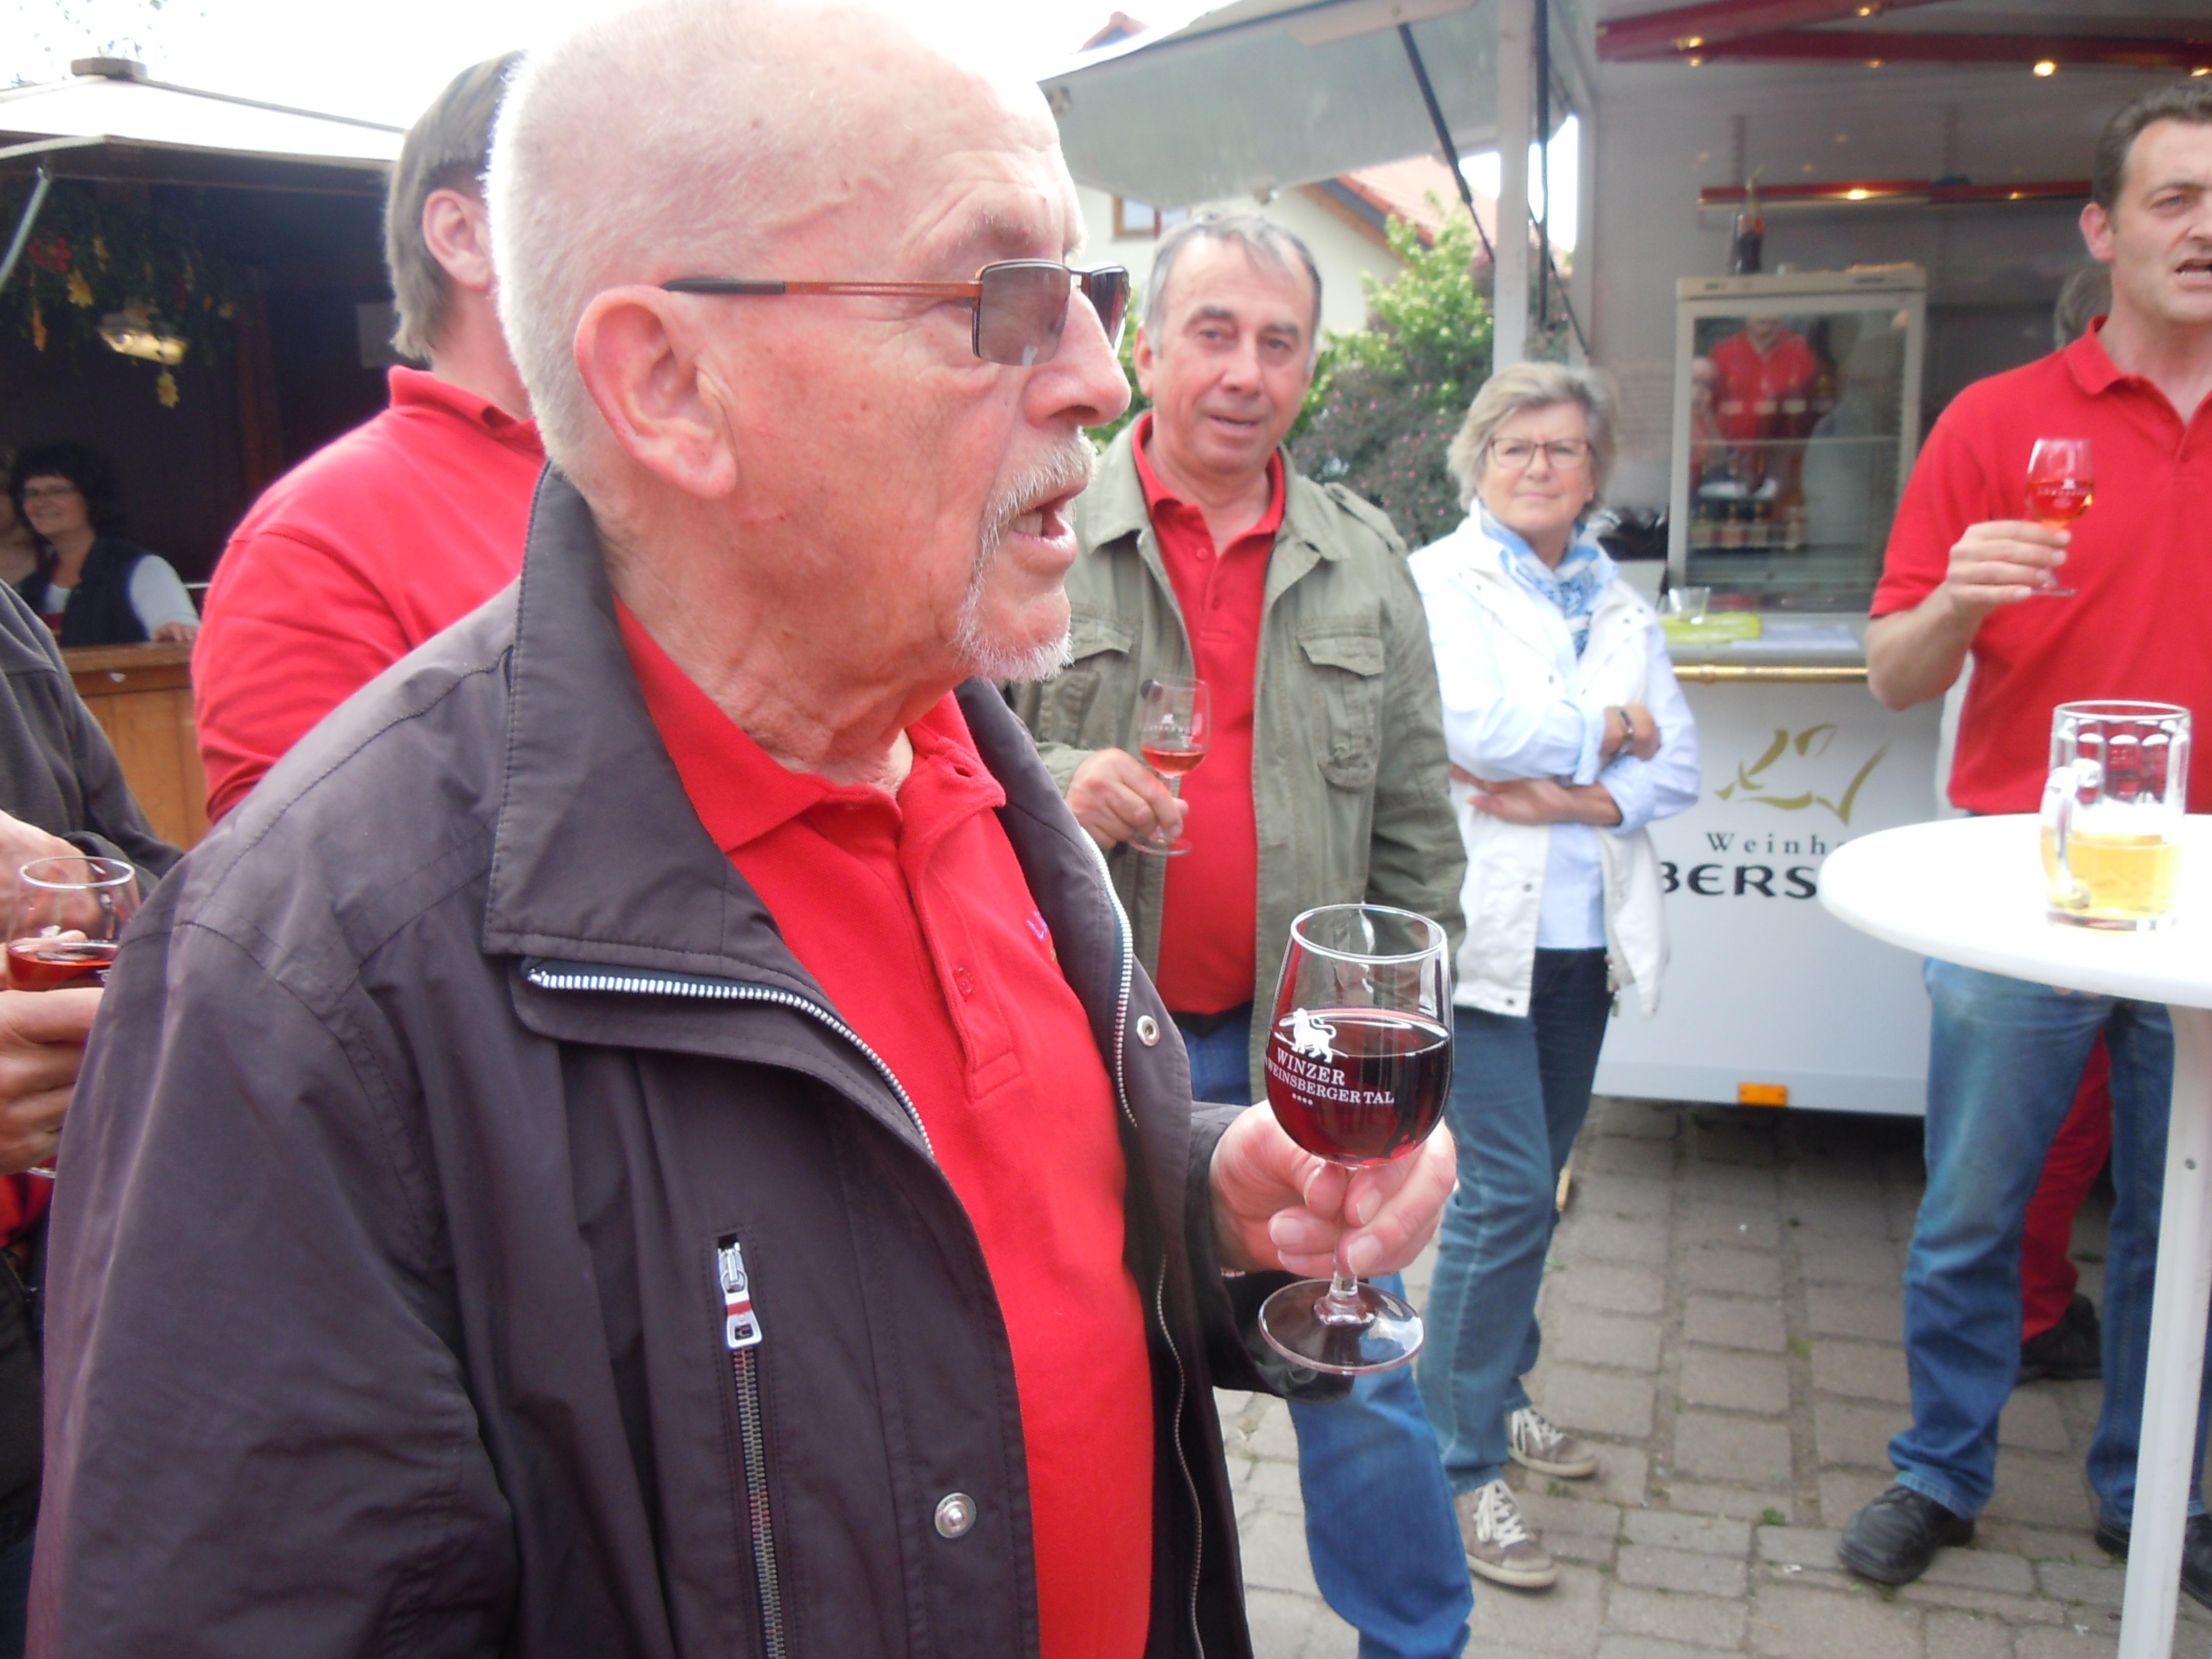 Ausflug Liederkranz Schlaitdorf nach Reisach 17.05.15 046